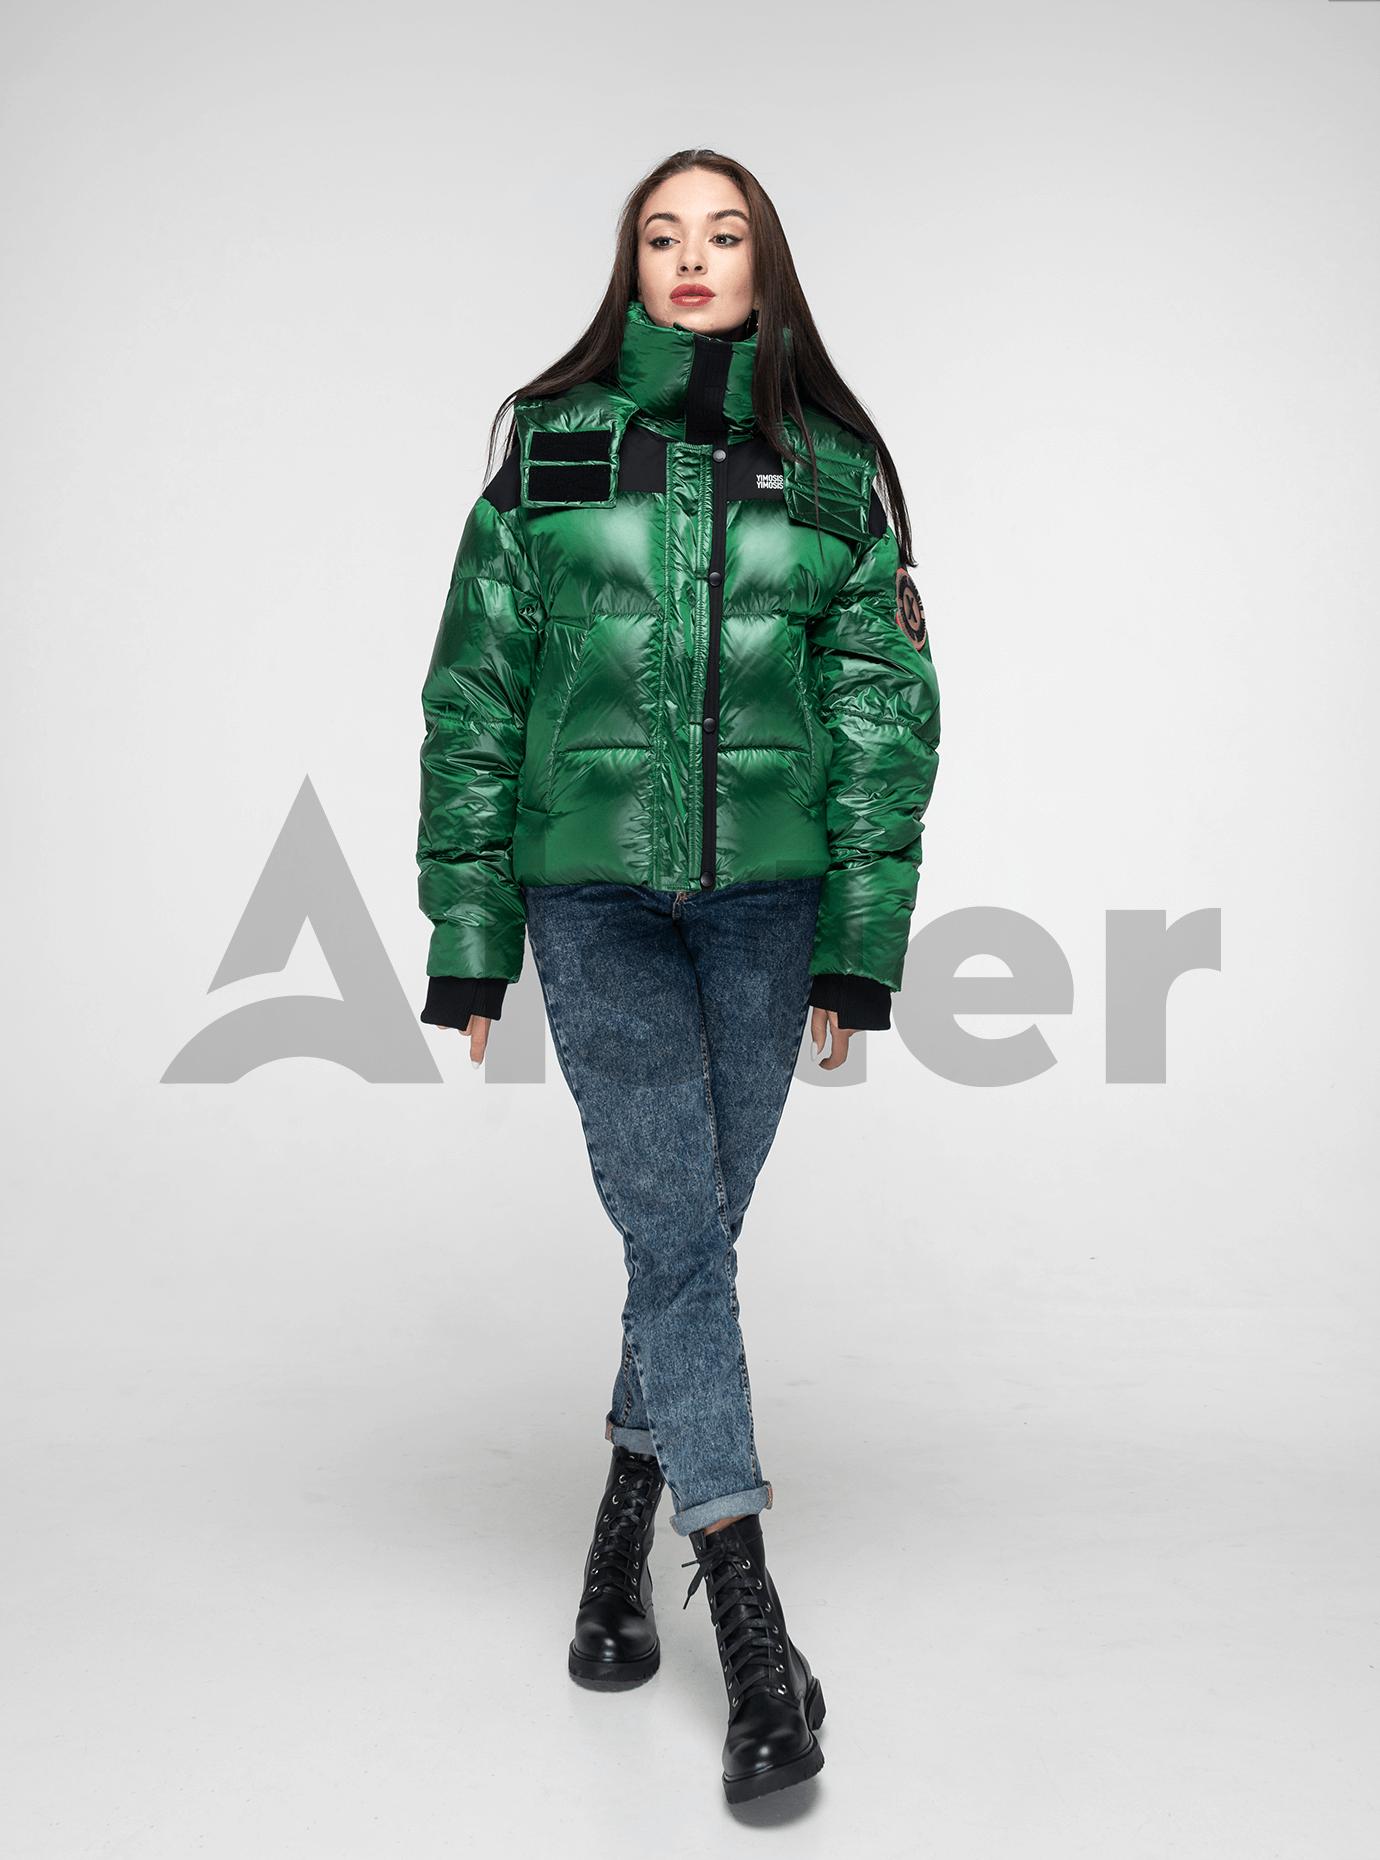 Пуховик женский короткий с капюшоном Зелёный S (02-Y191121): фото - Alster.ua